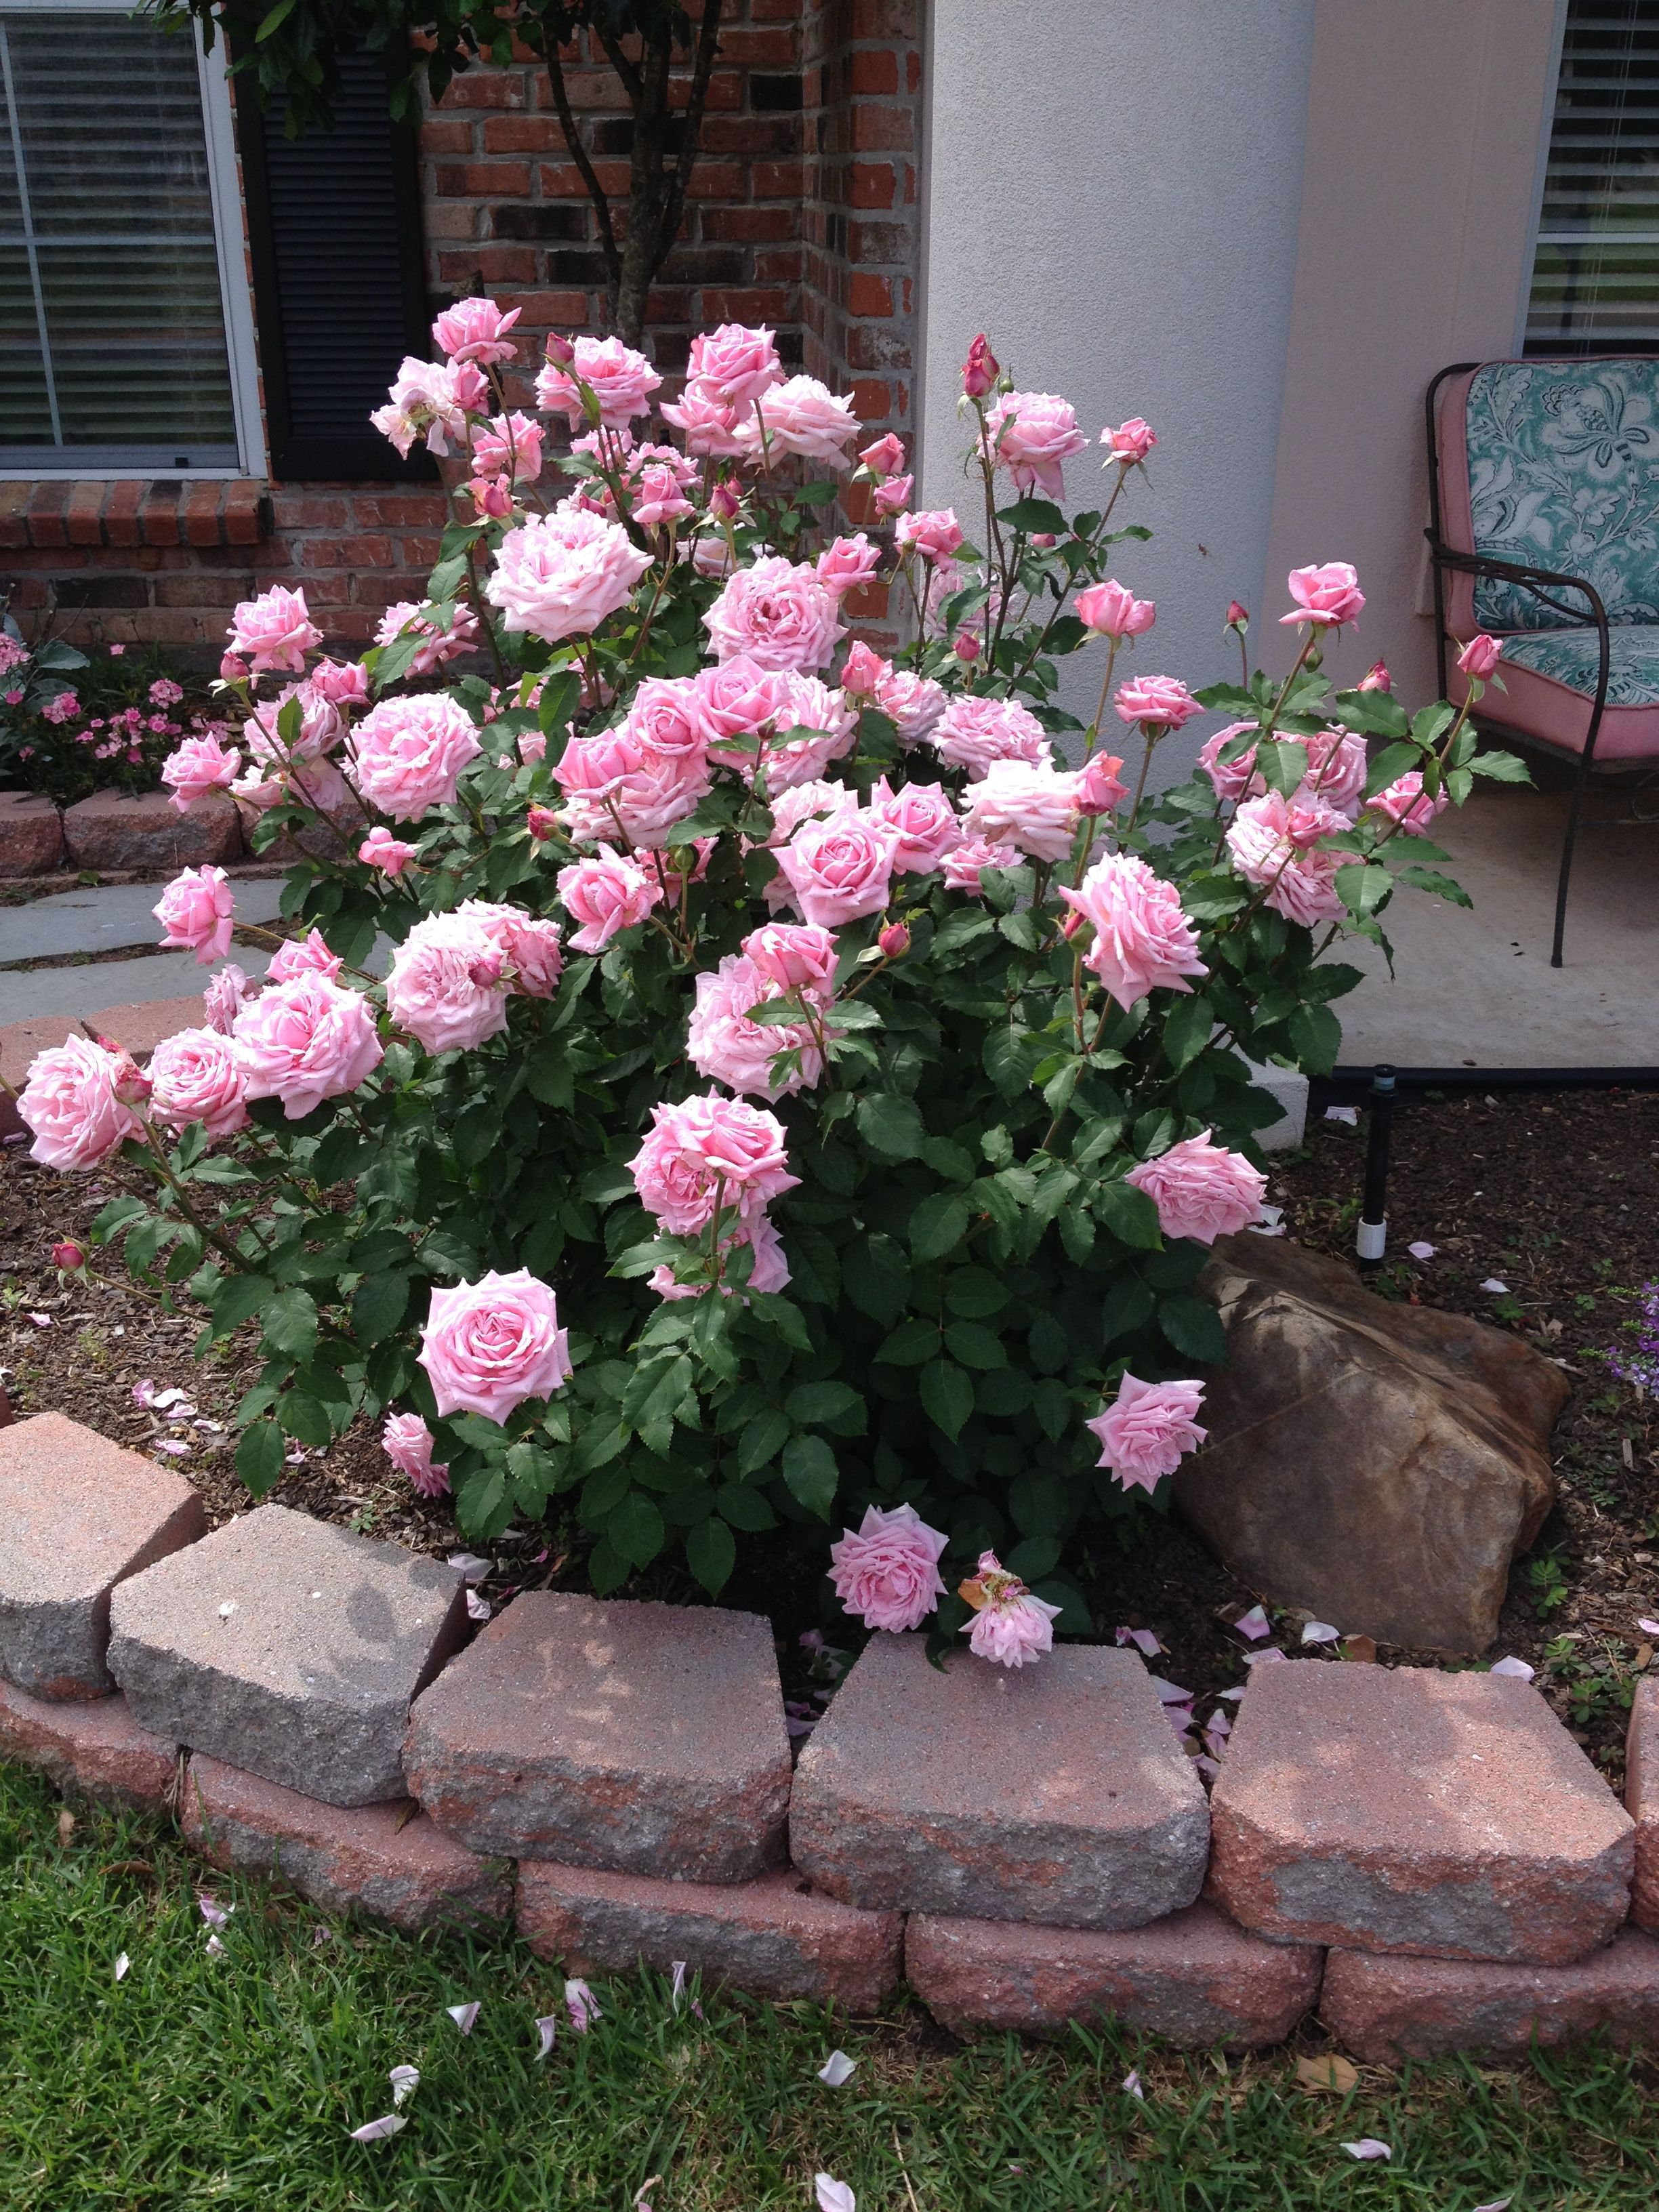 My husbands rose bush belinda 39 s dream loves to bloom for Garden rose trees